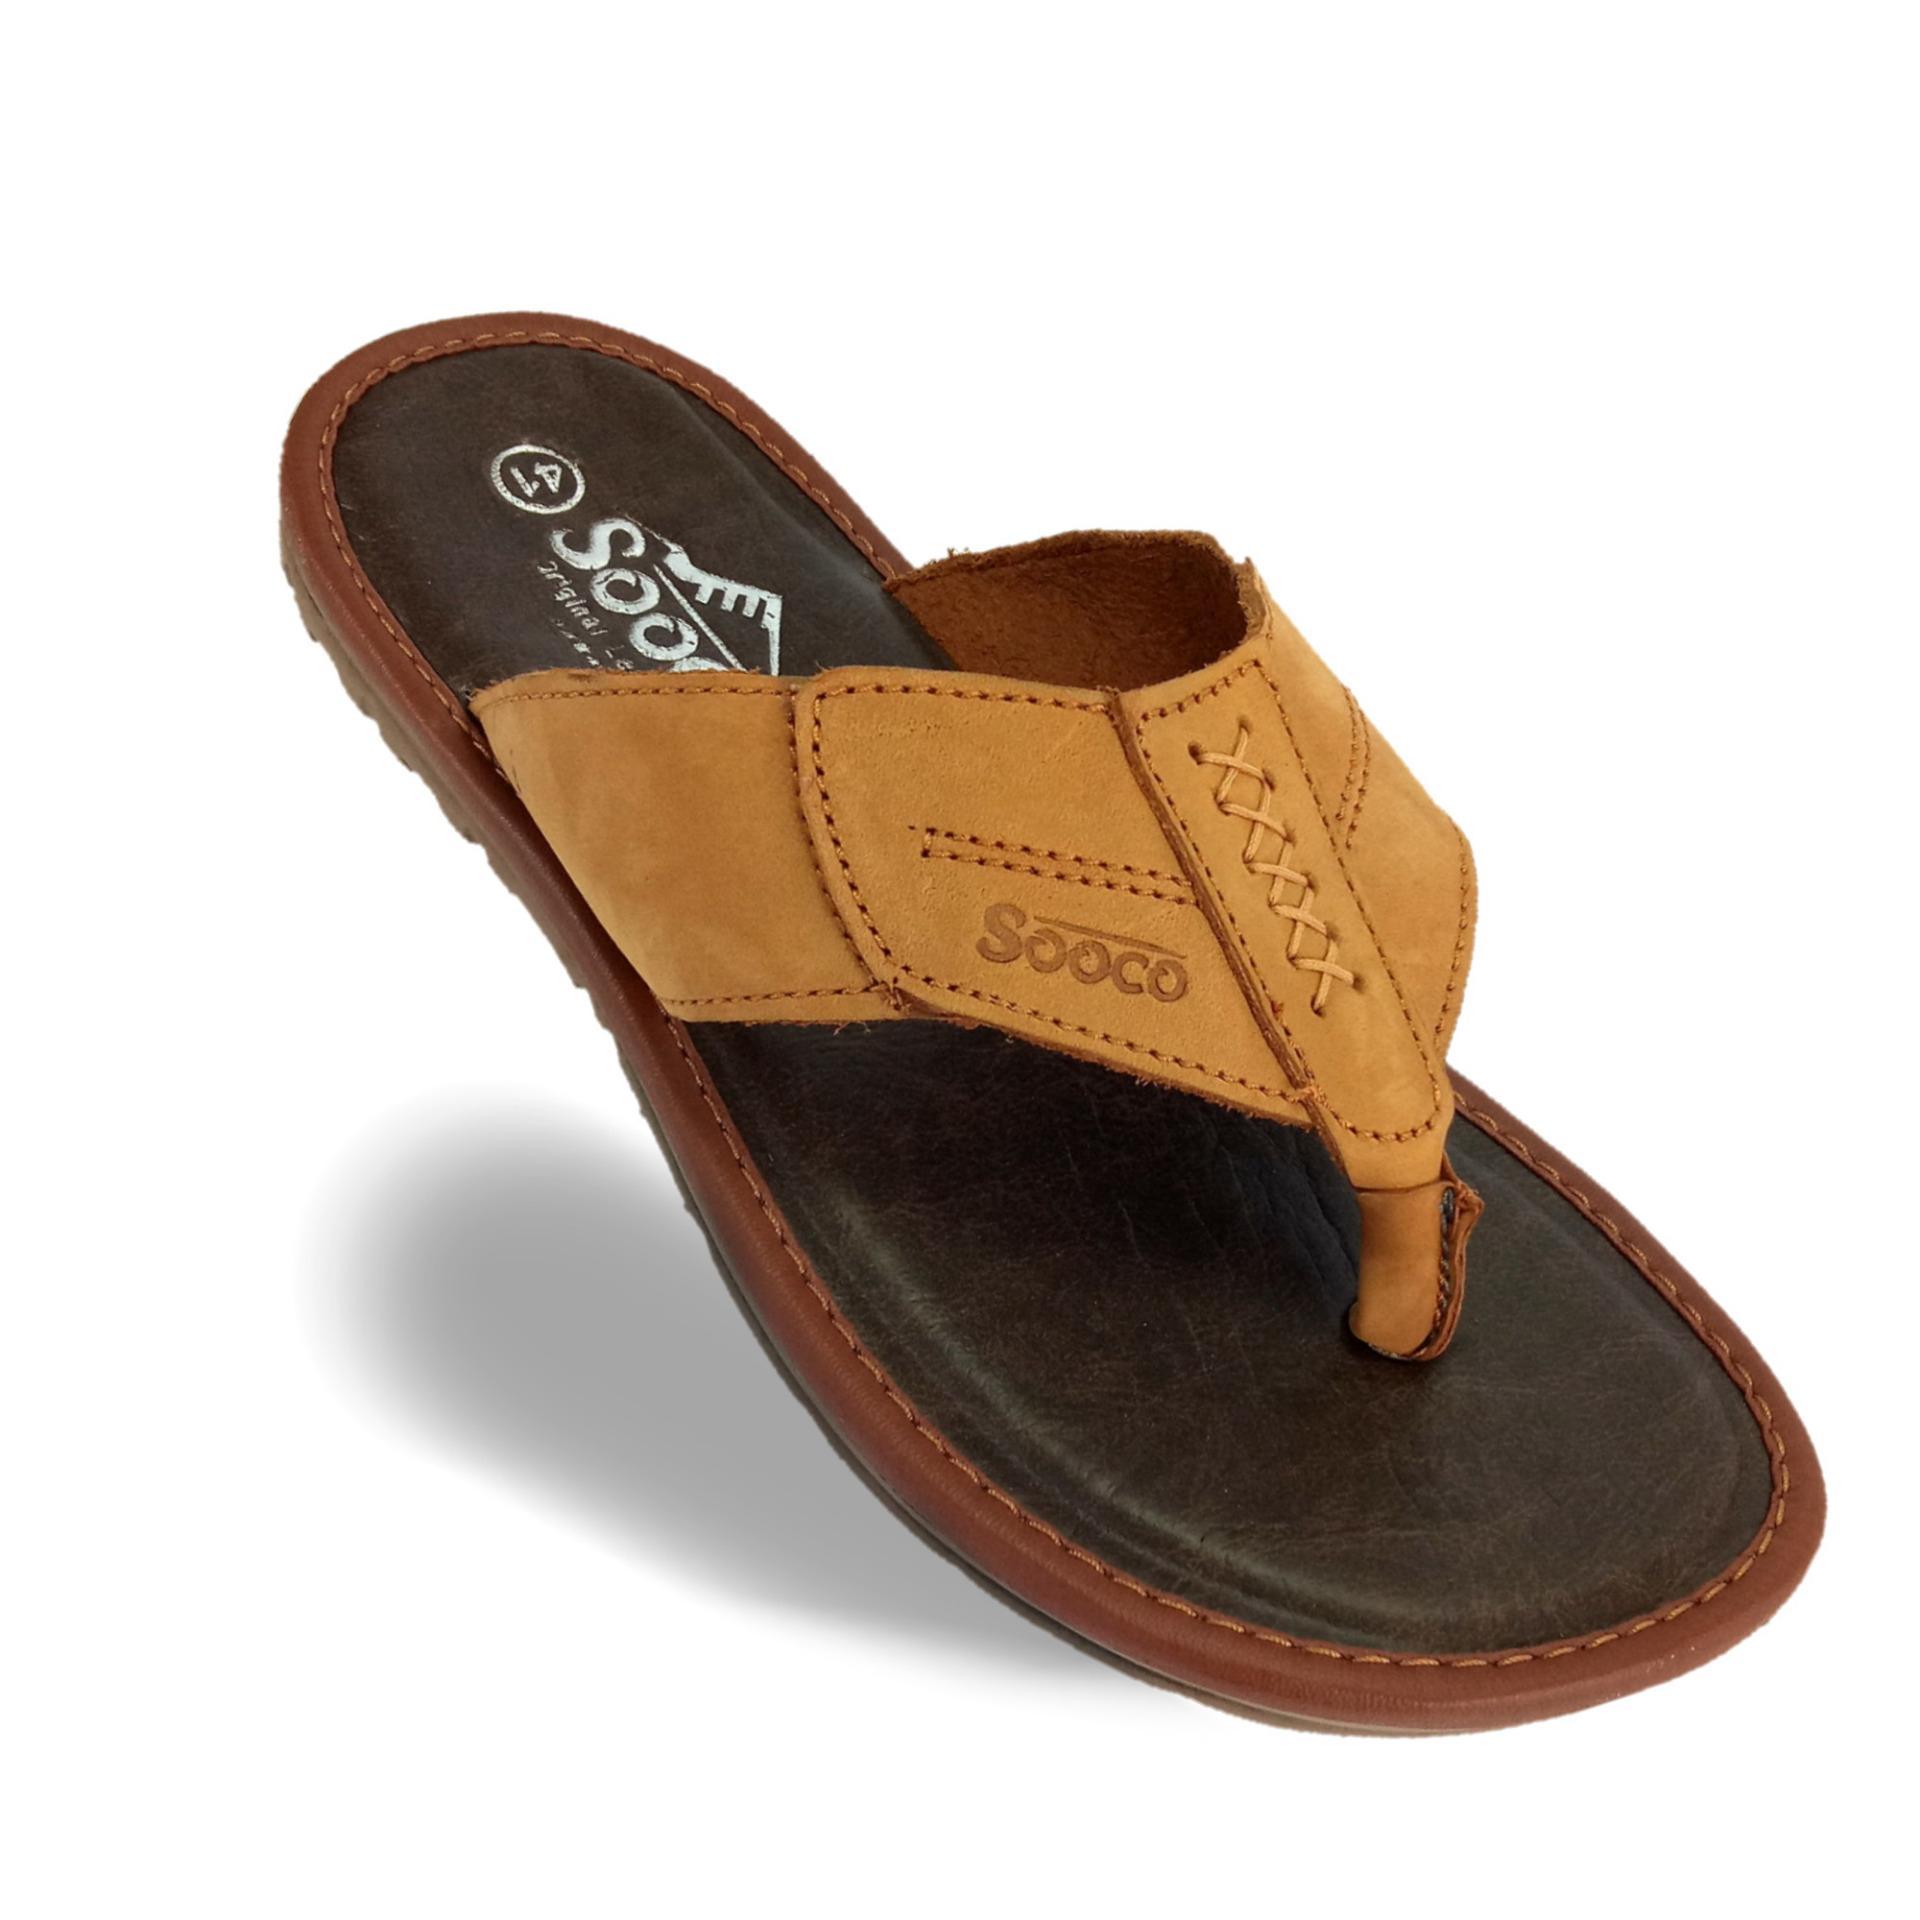 Beli Sandal Pria Kulit Asli Sooco Yang Bagus